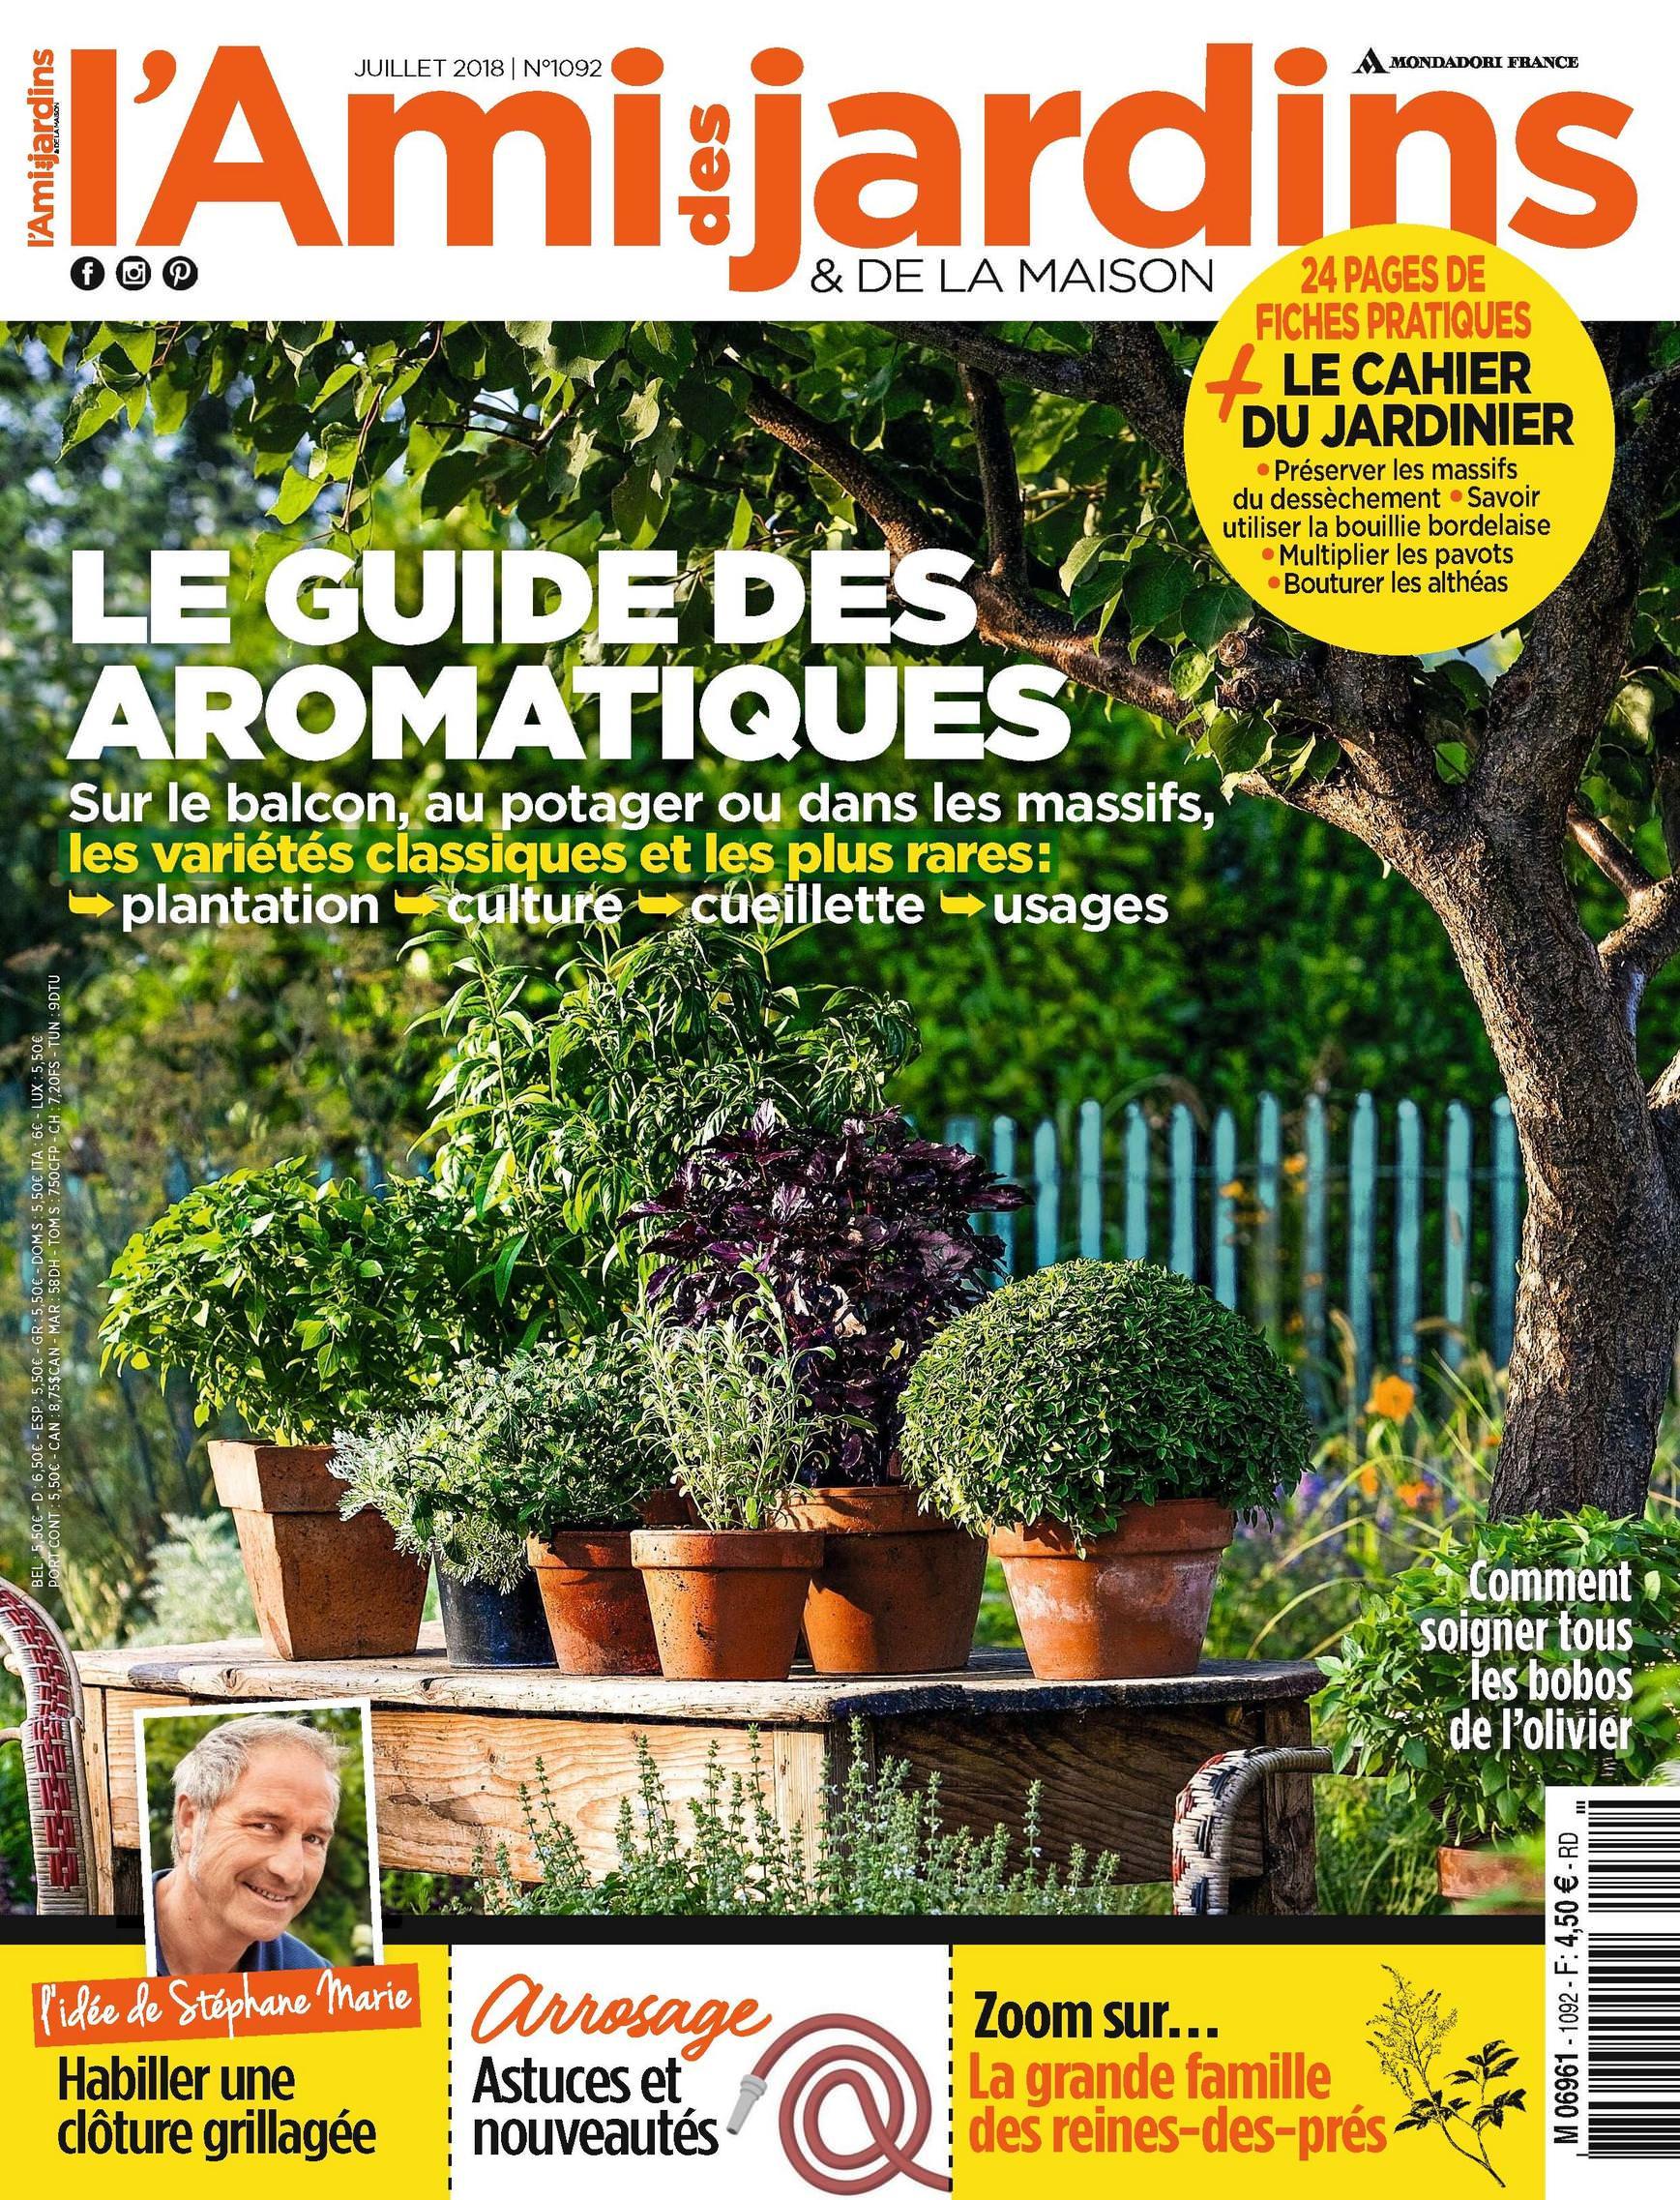 Magazine L'ami Des Jardins Et De La Maison N°1092 - Juillet 2018 tout Ami Des Jardins Magazine